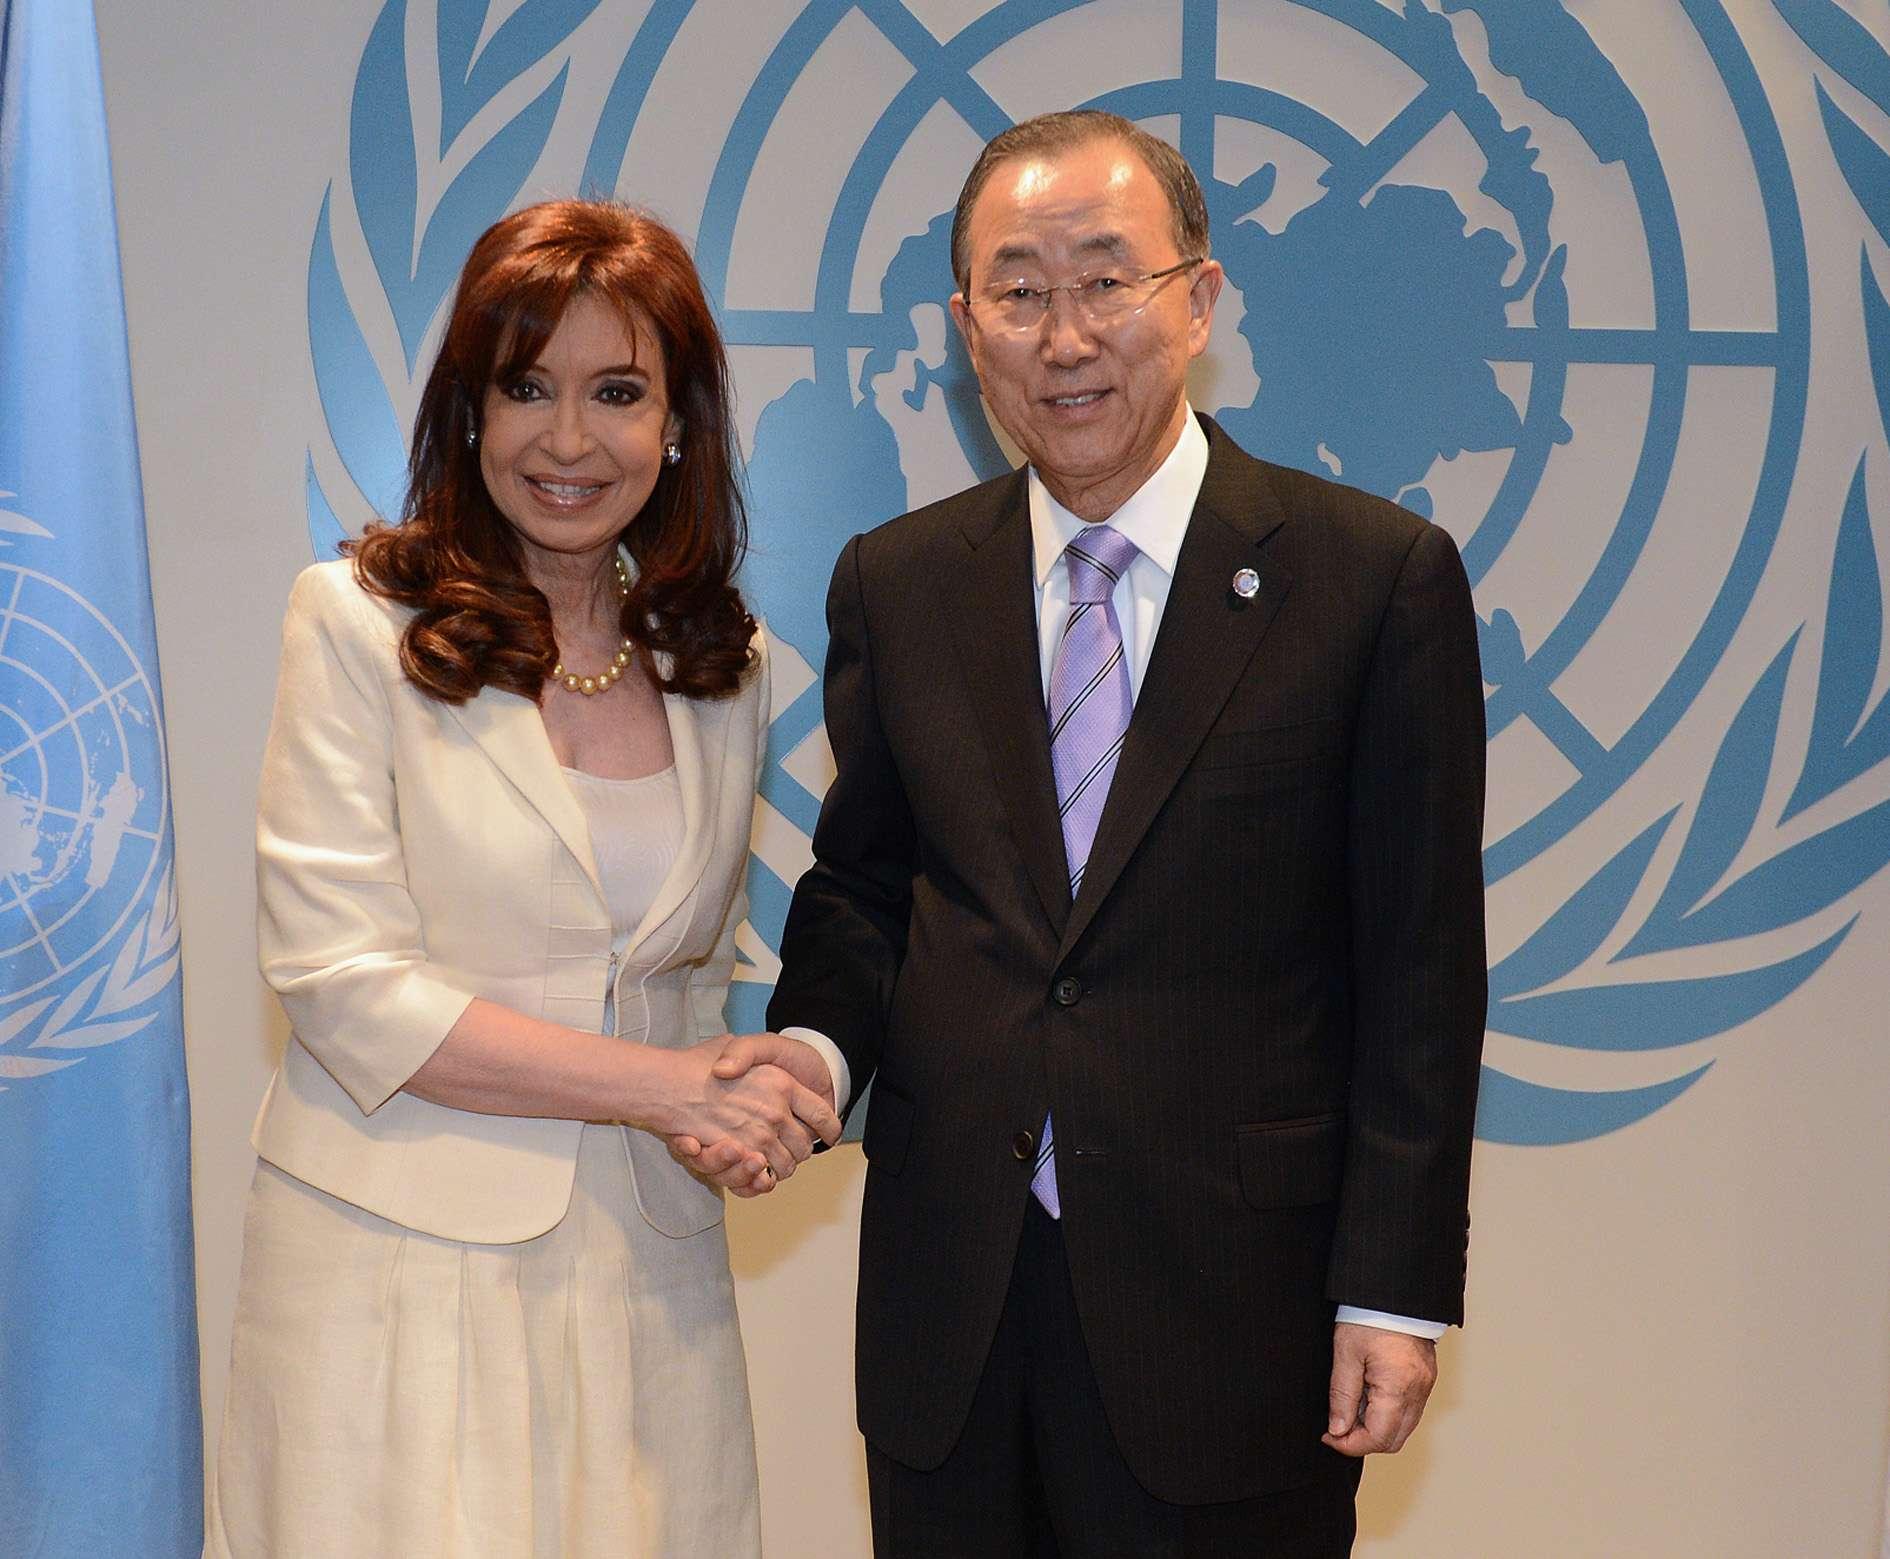 Cristina Kirchner se reunió este lunes en Nueva York con el secretario general de la ONU, Ban Ki-moon Foto: AFP